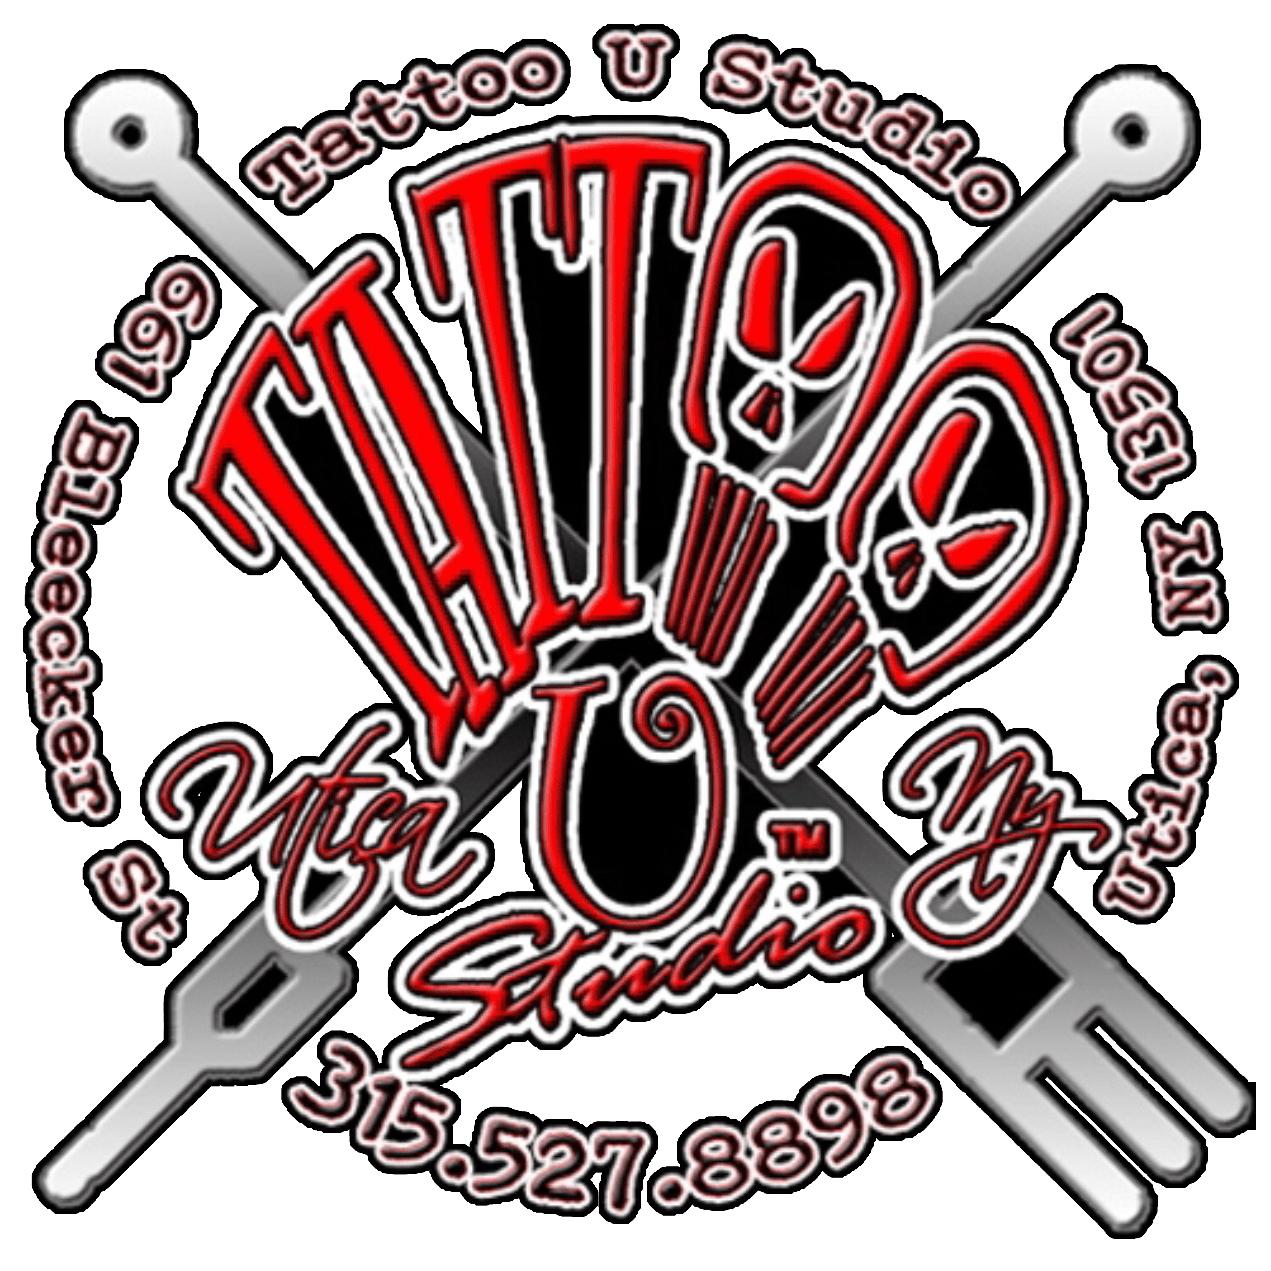 Tattoo U Studio